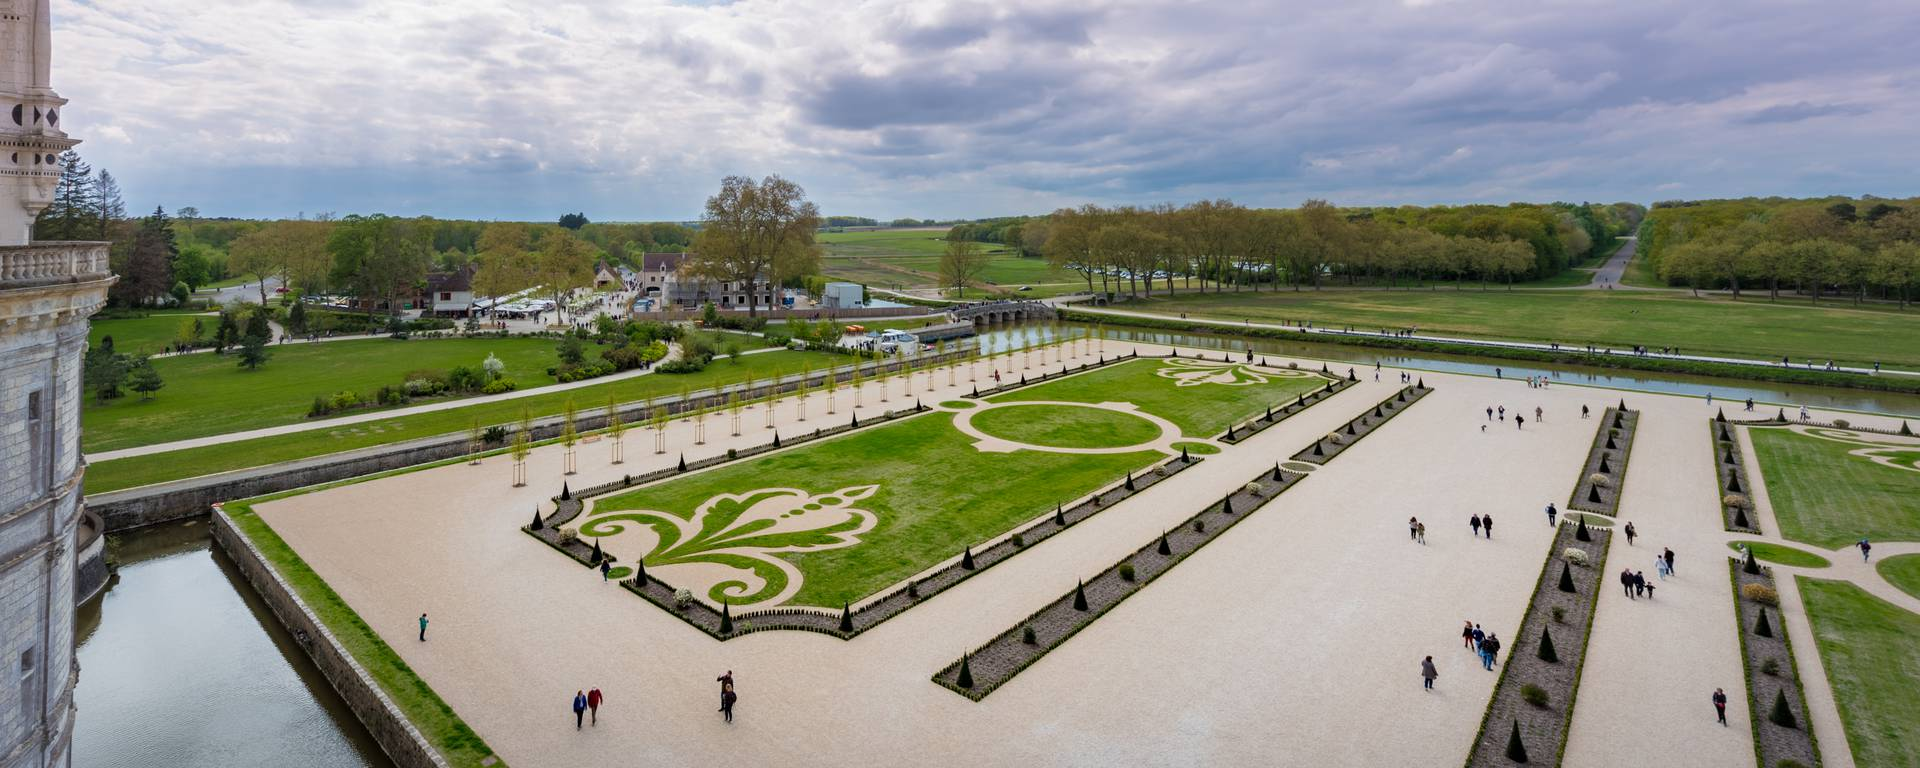 Luftansicht der Gärten von Chambord